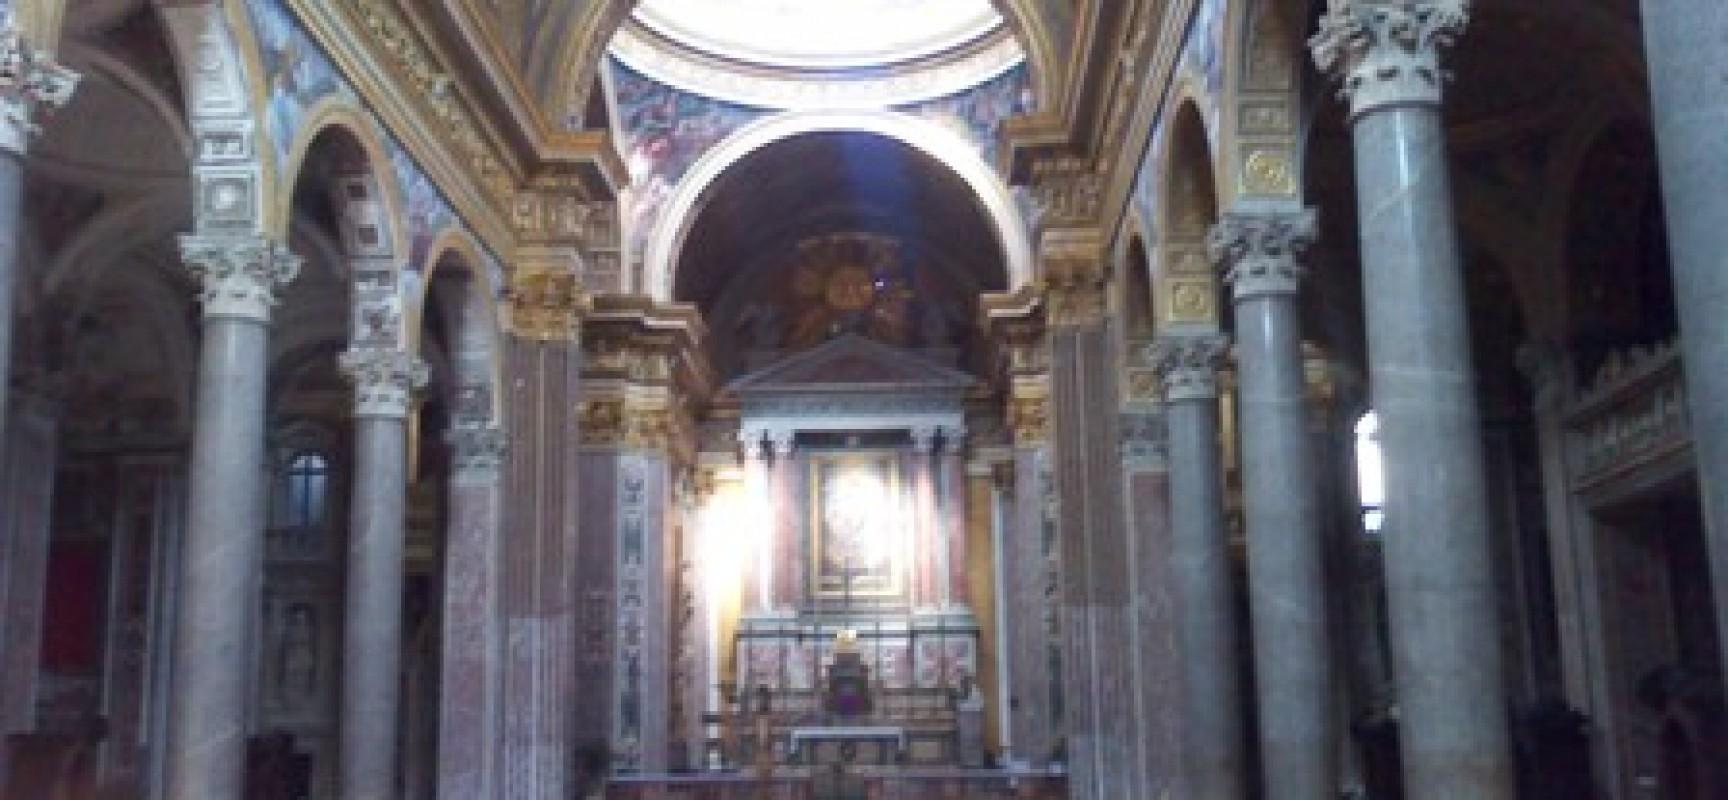 Dai Girolamini al teatro romano Caserta, al Polo museale i magnifici 5